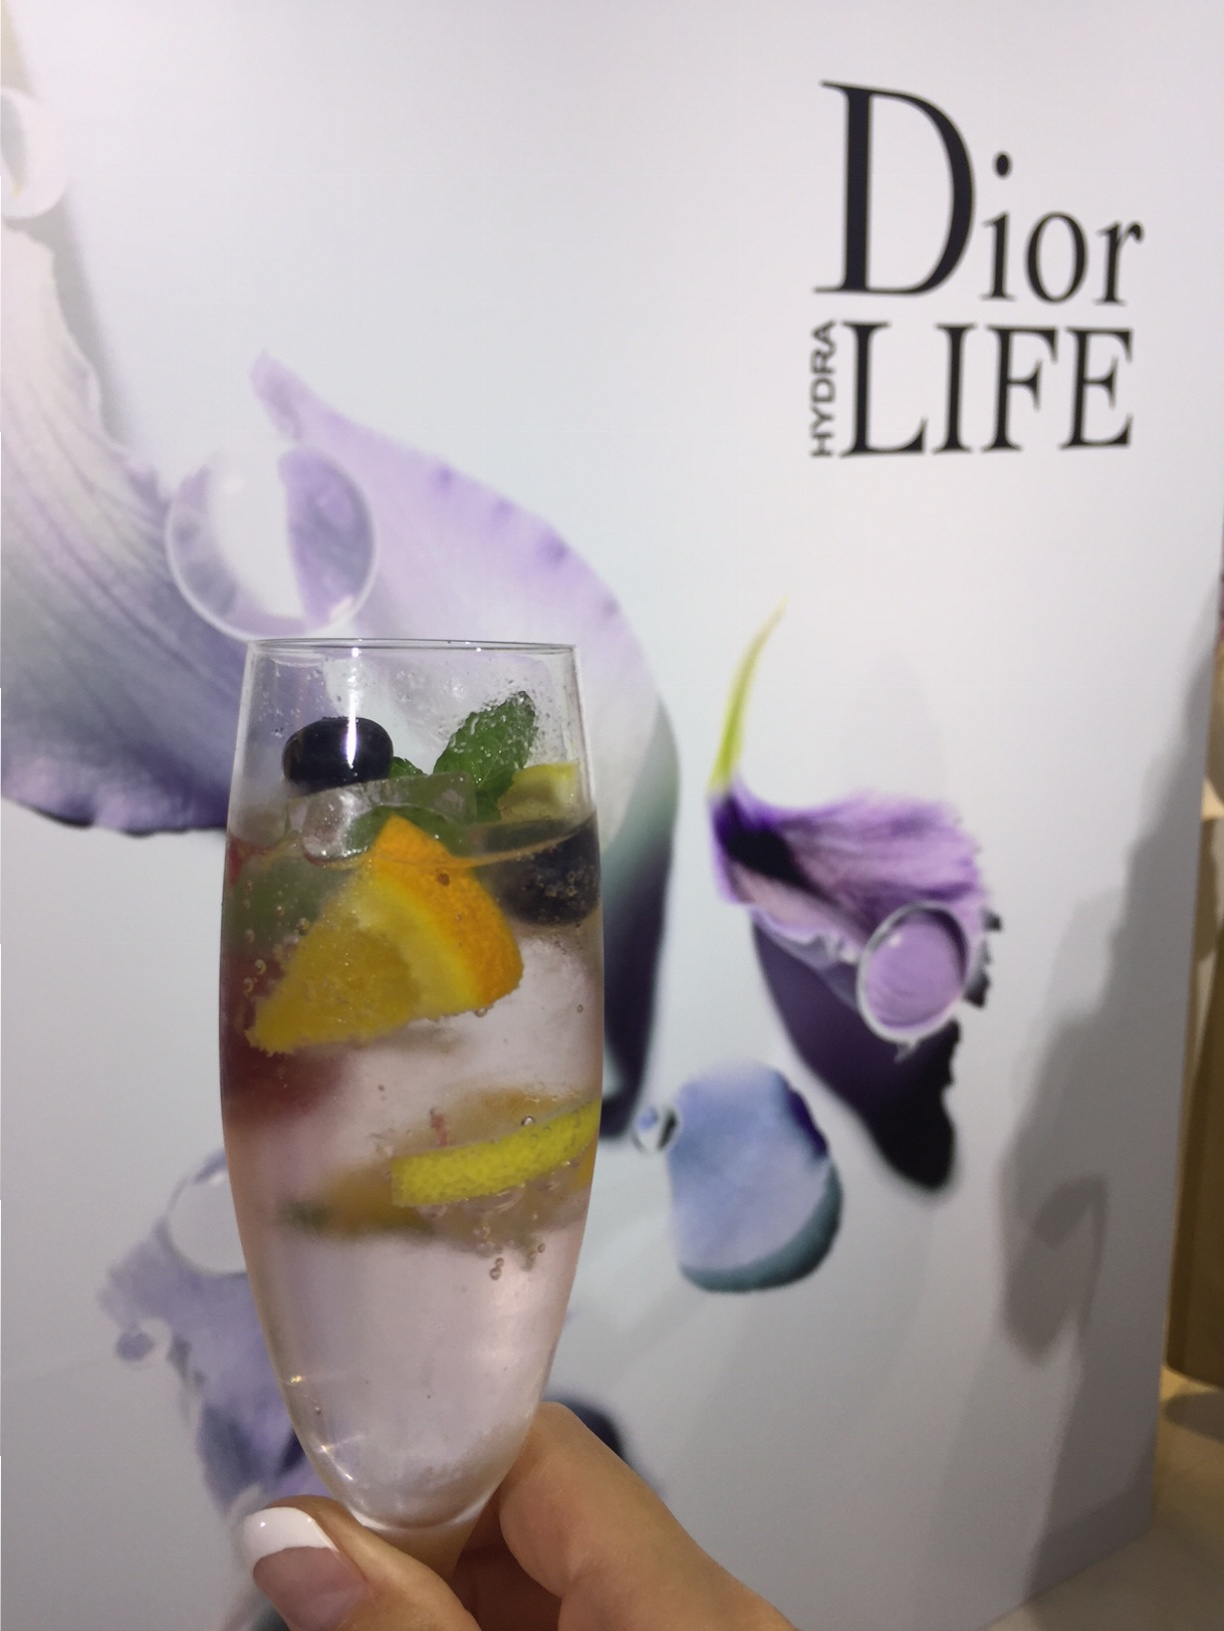 自然由来成分たっぷりの新保湿ケア「Dior LIFE」体験イベントに潜入しました☆_3